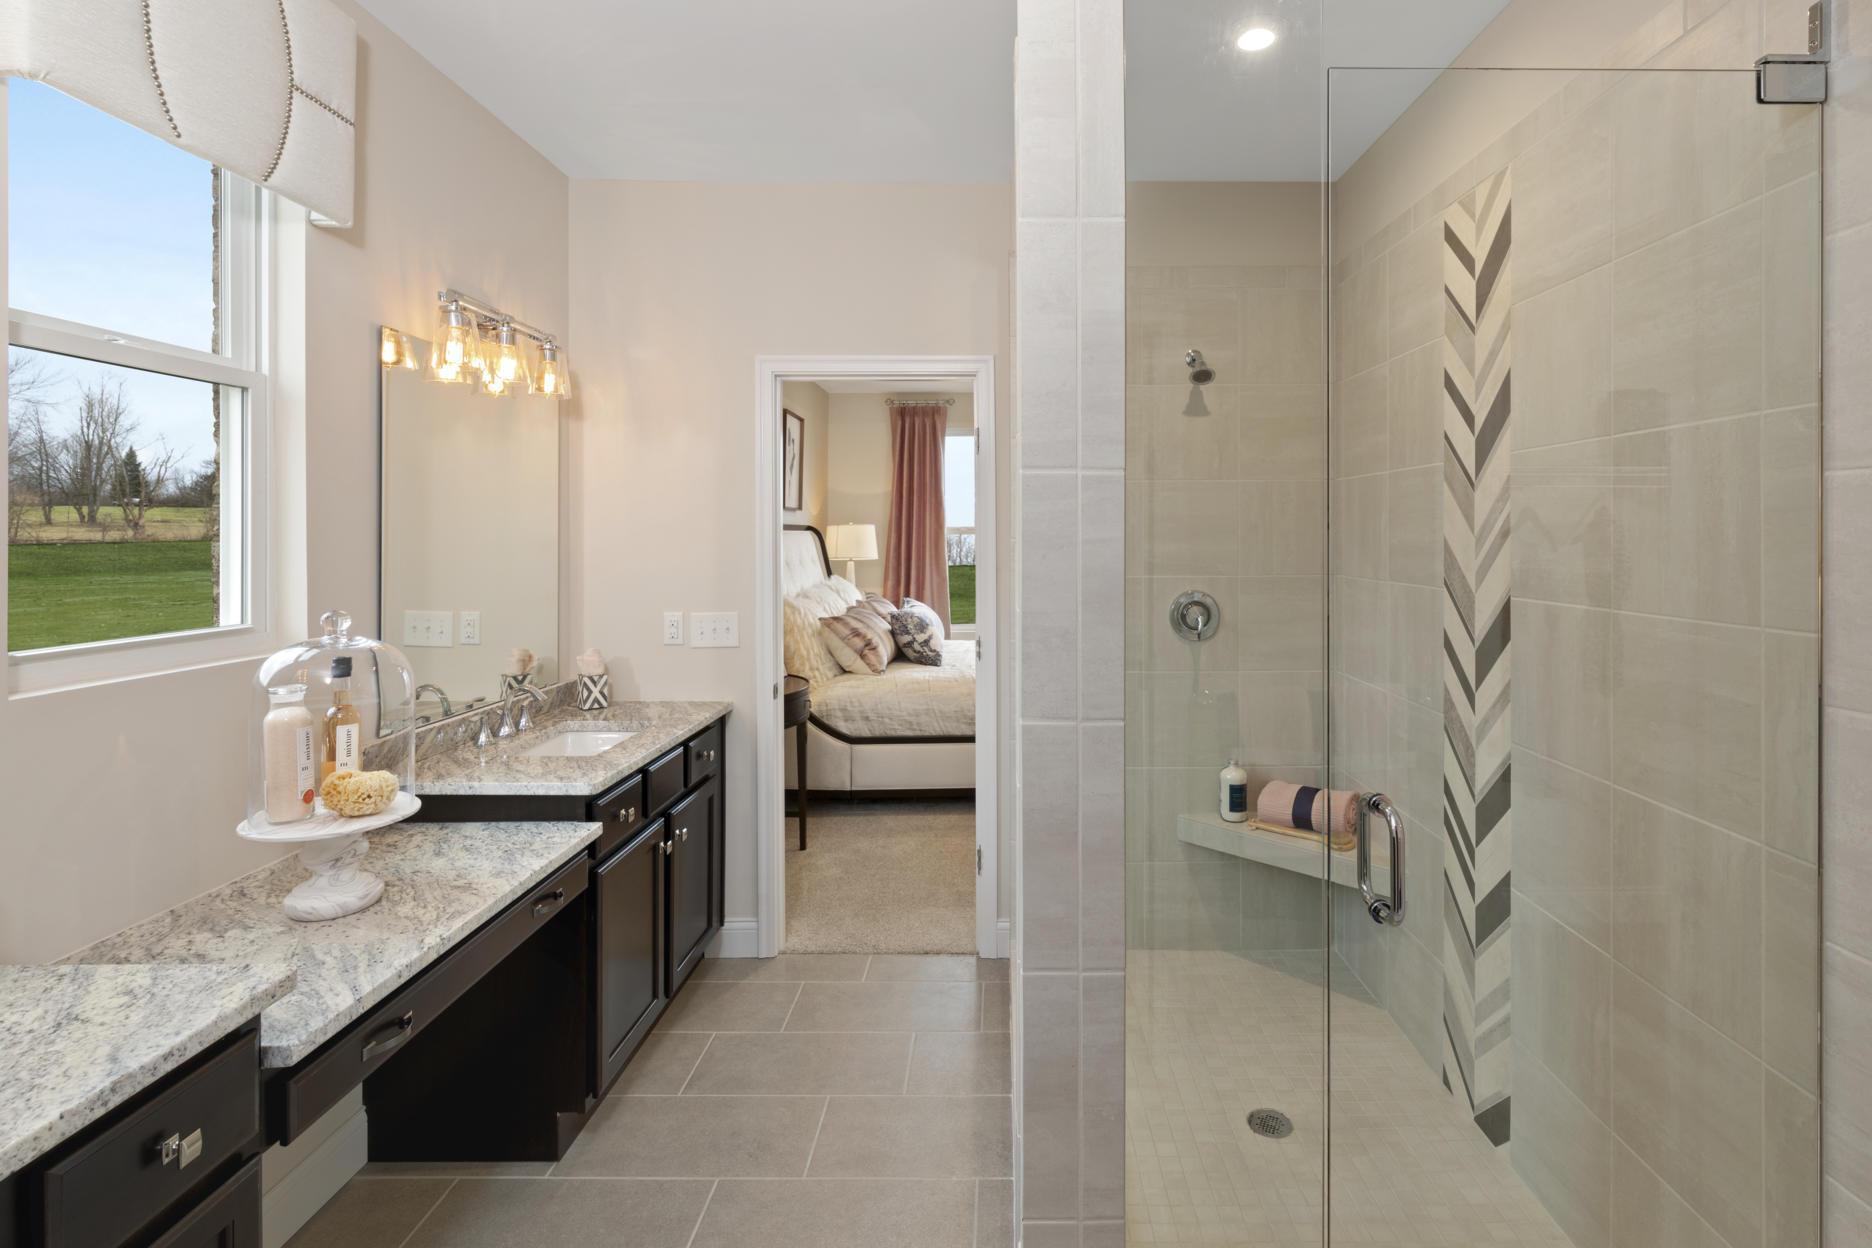 Bathroom featured in the Beachwood By Drees Homes in Cincinnati, OH